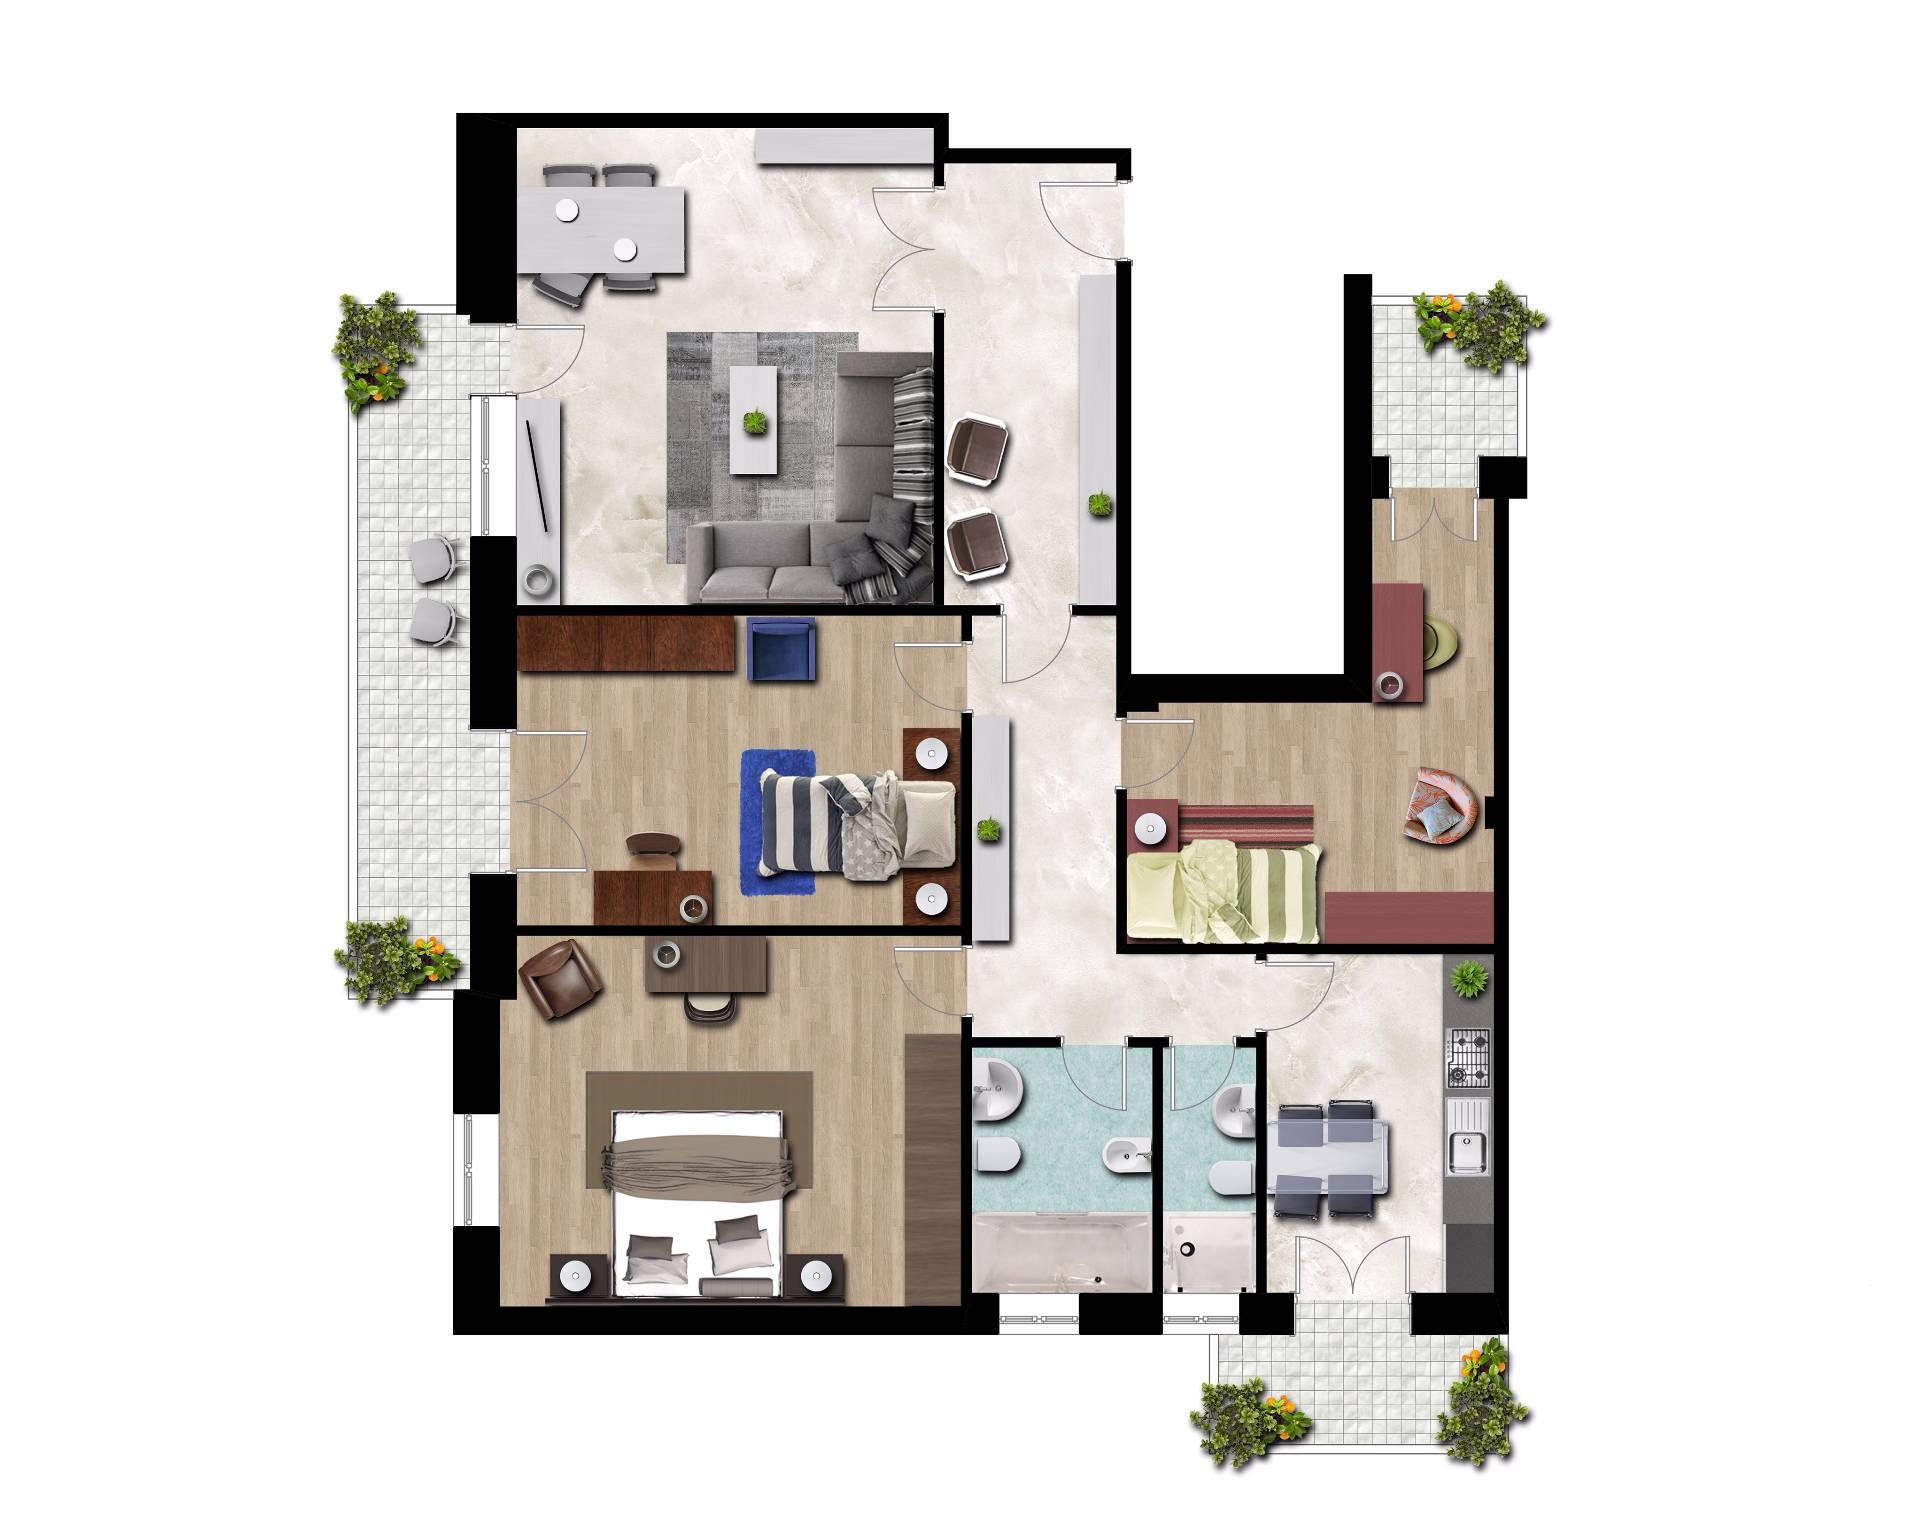 Appartamento in vendita a Terracina, 4 locali, zona Località: centro, prezzo € 215.000 | CambioCasa.it